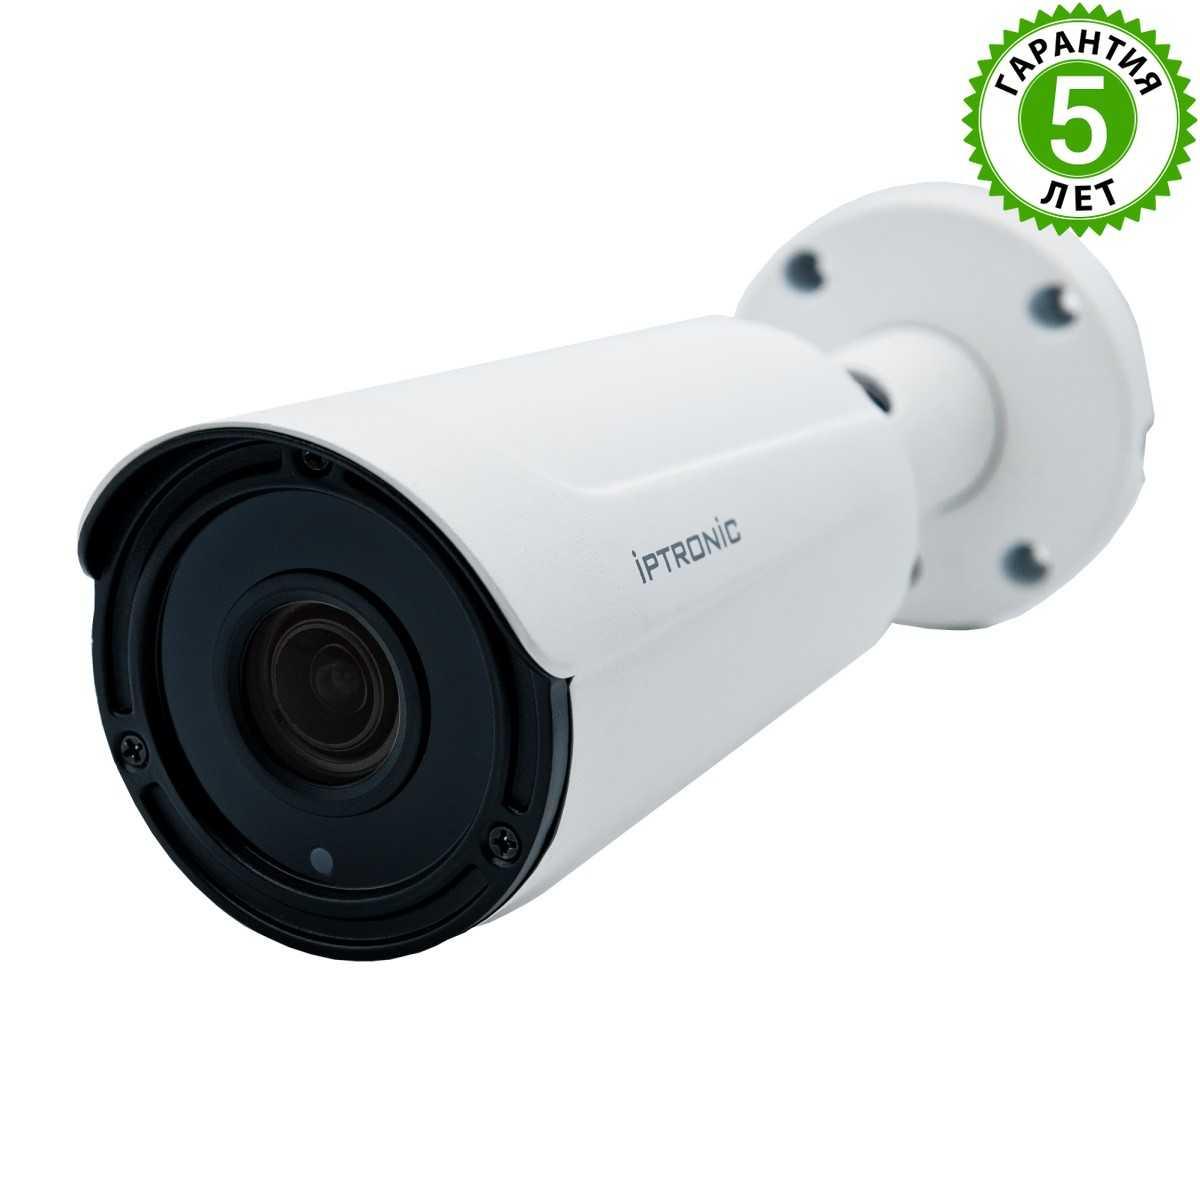 Видеокамера IPTRONIC IPT-IPL1920BM(2,8-12)P